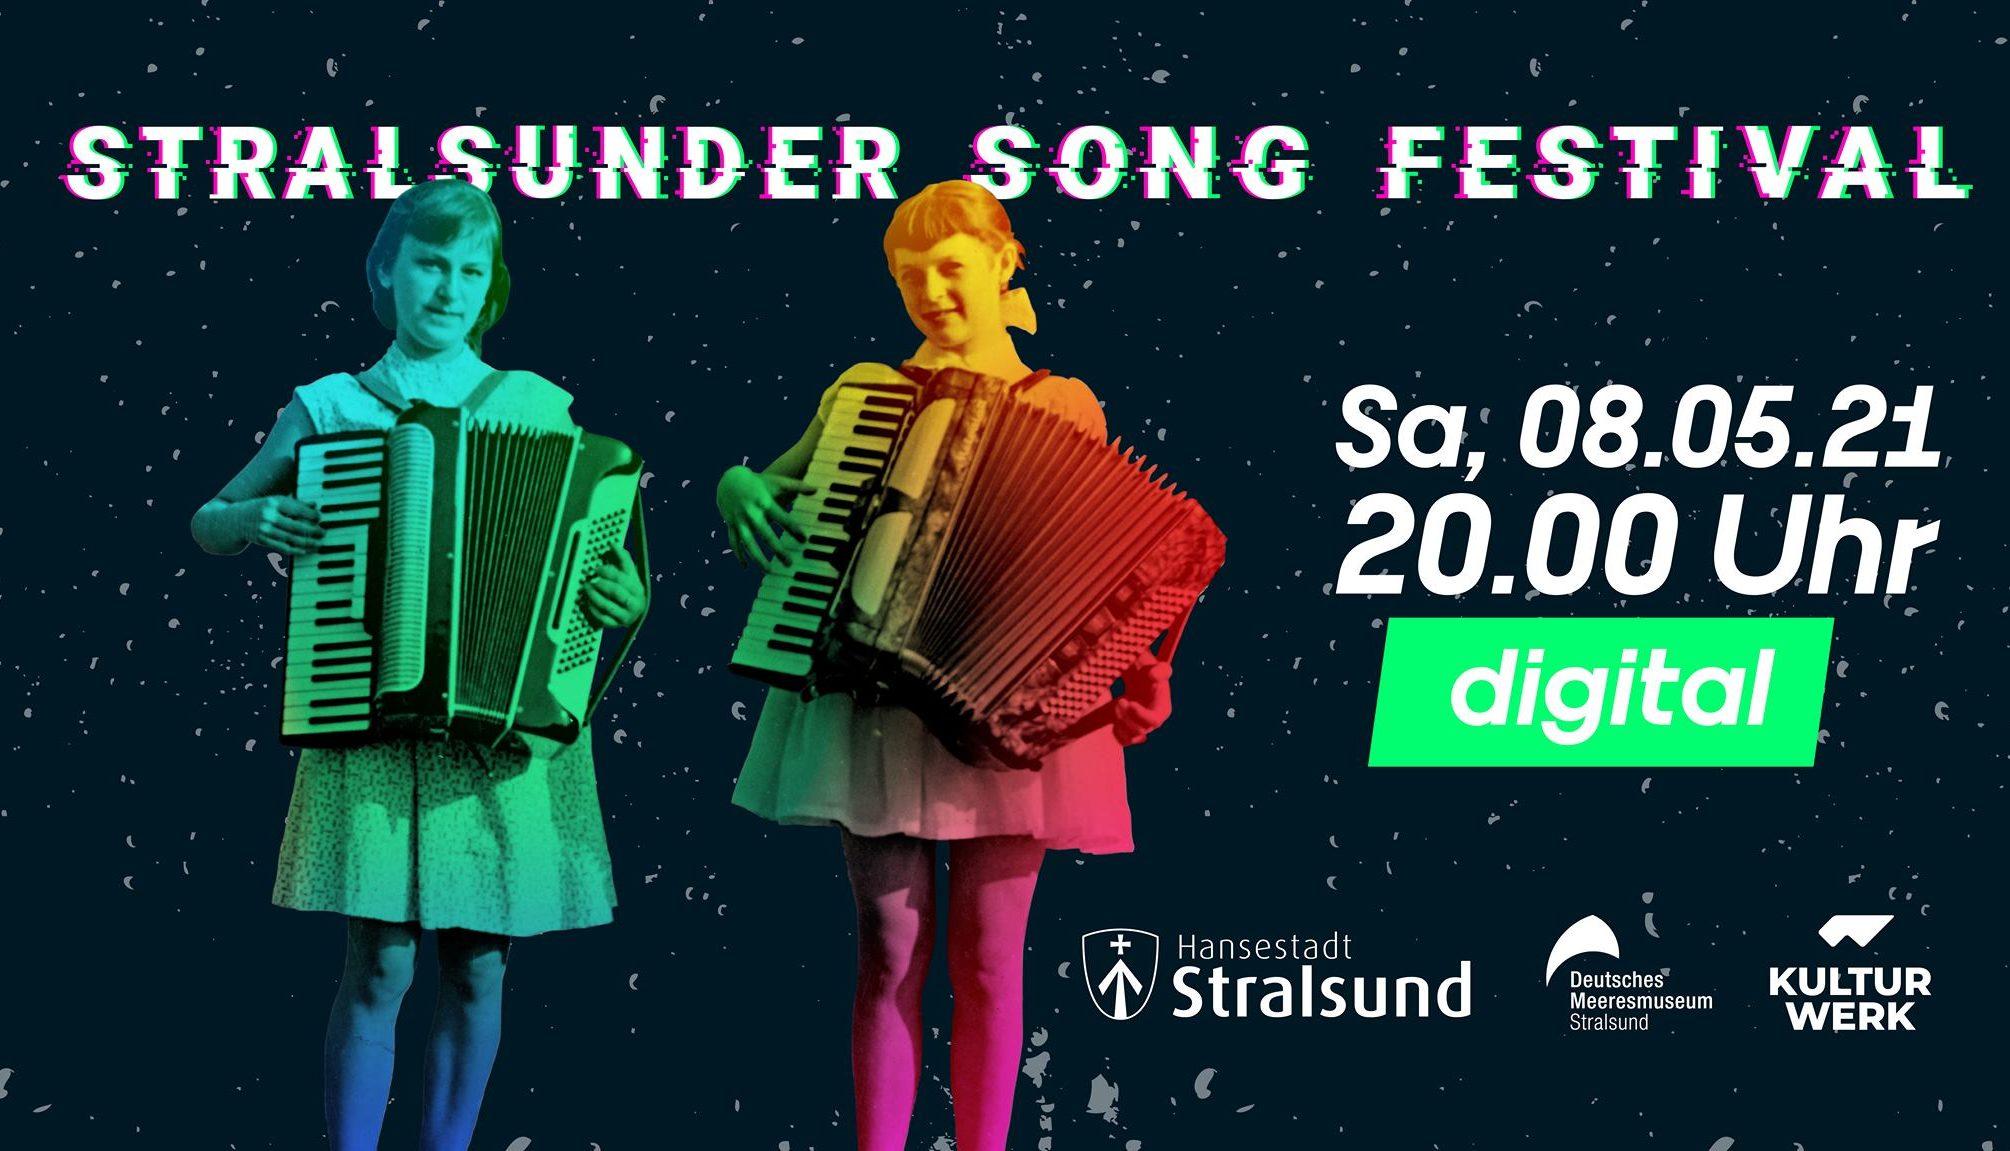 Stralsunder Song Festival Musik & Meer